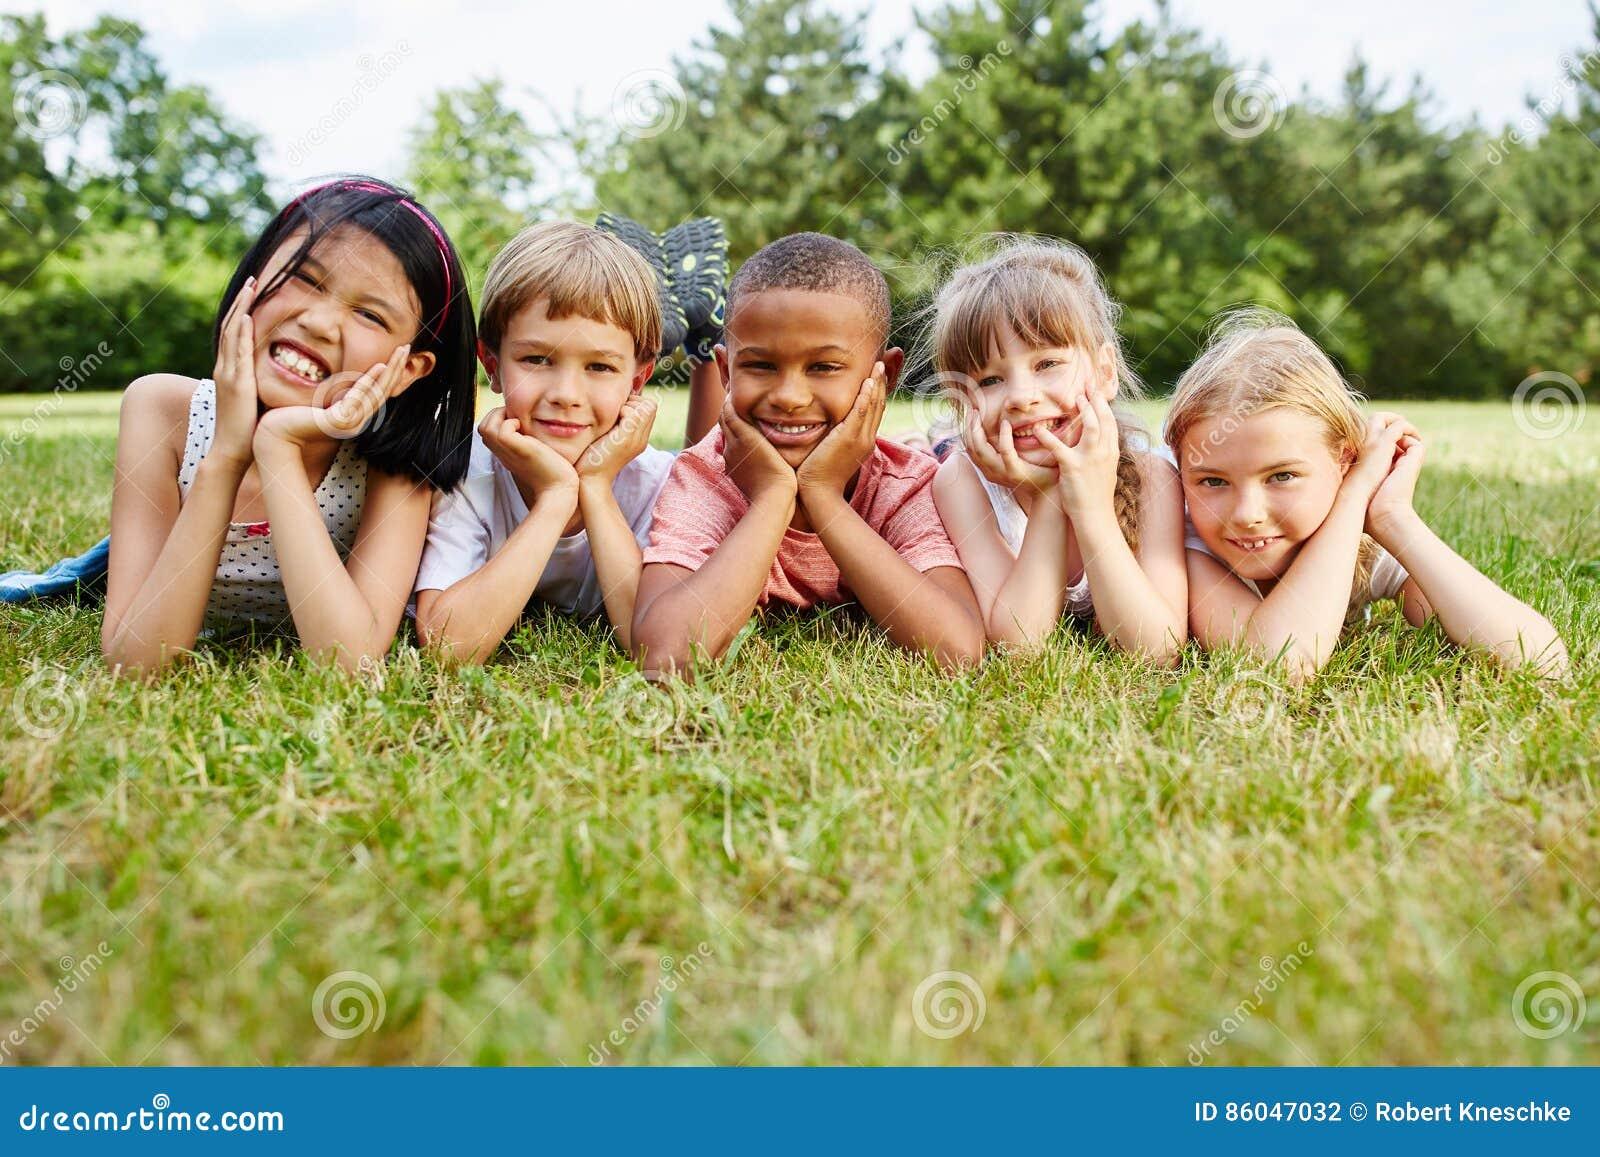 Kinder als Freunde an der Wiese